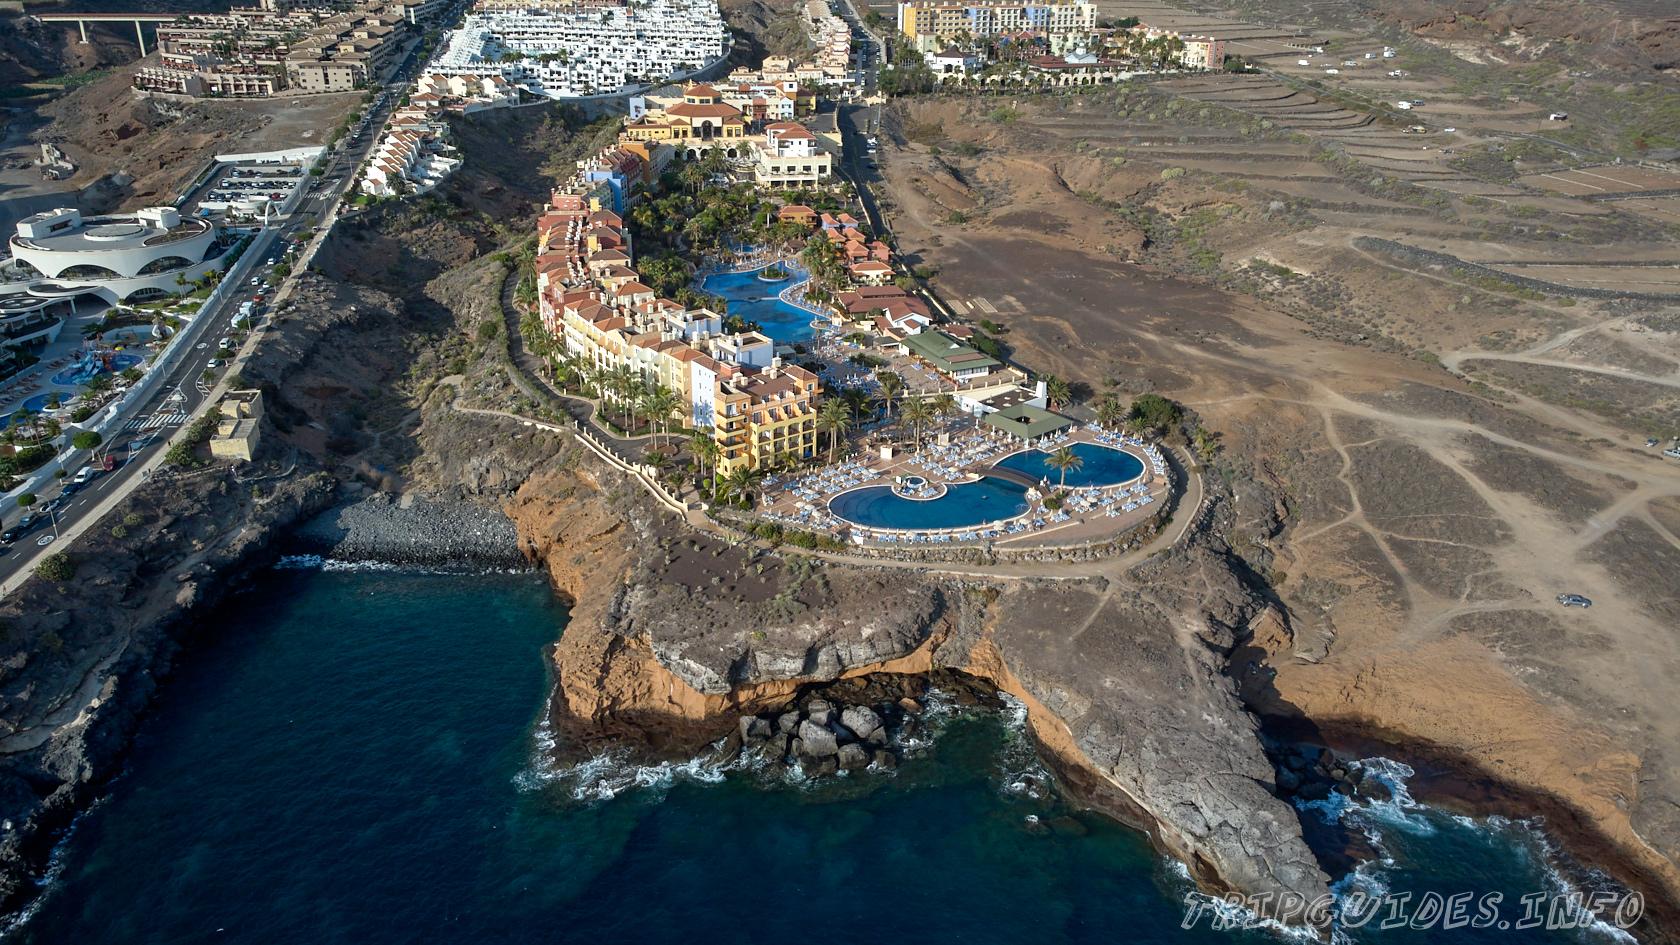 Отель Bahia Principe Sunlight Costa Adeje 4* в Плайя Параисо - курорт на Тенерифе